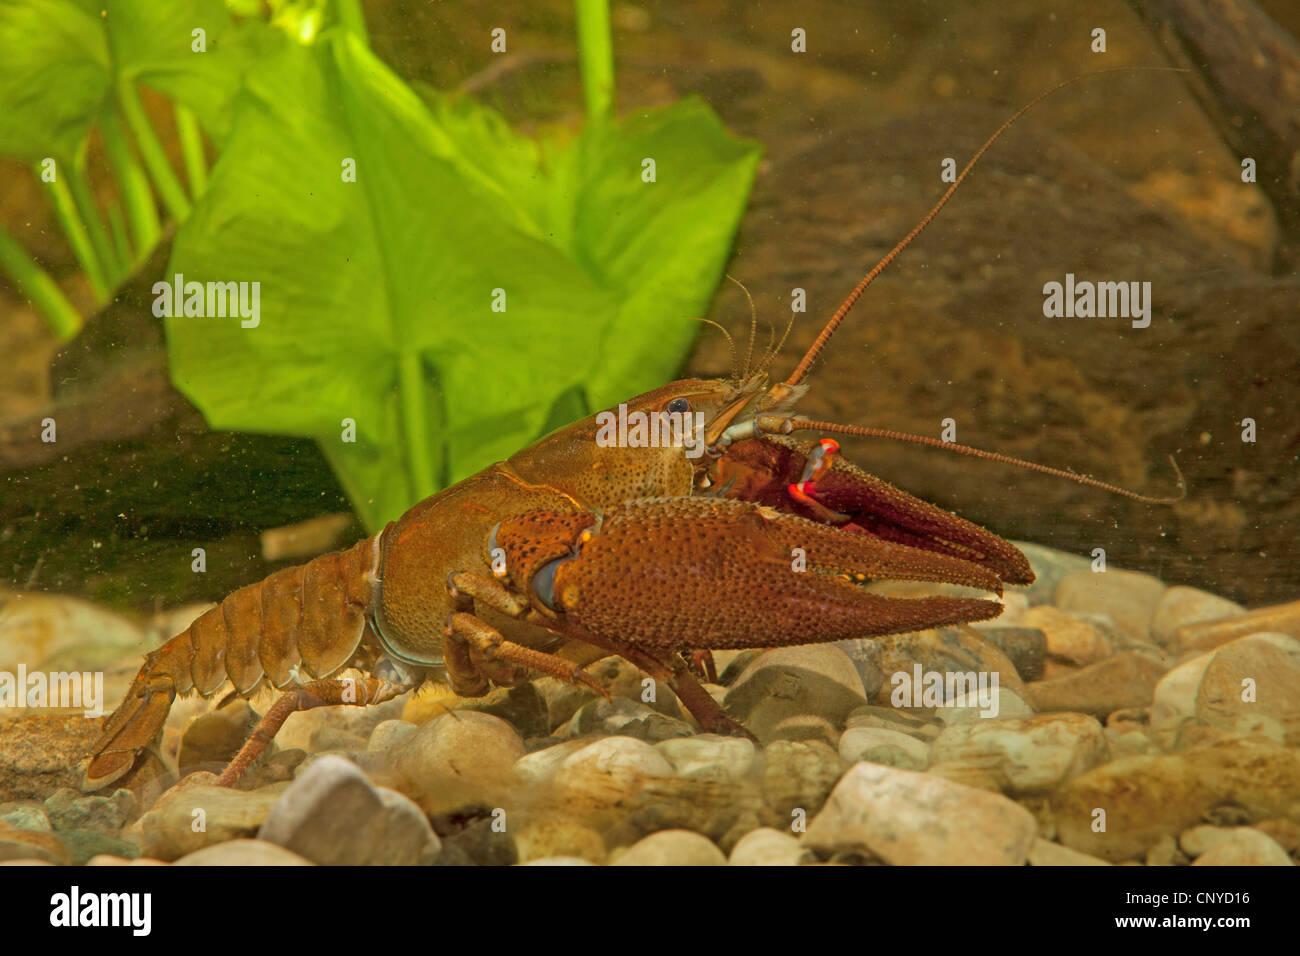 noble crayfish (Astacus astacus), male on pebble ground - Stock Image